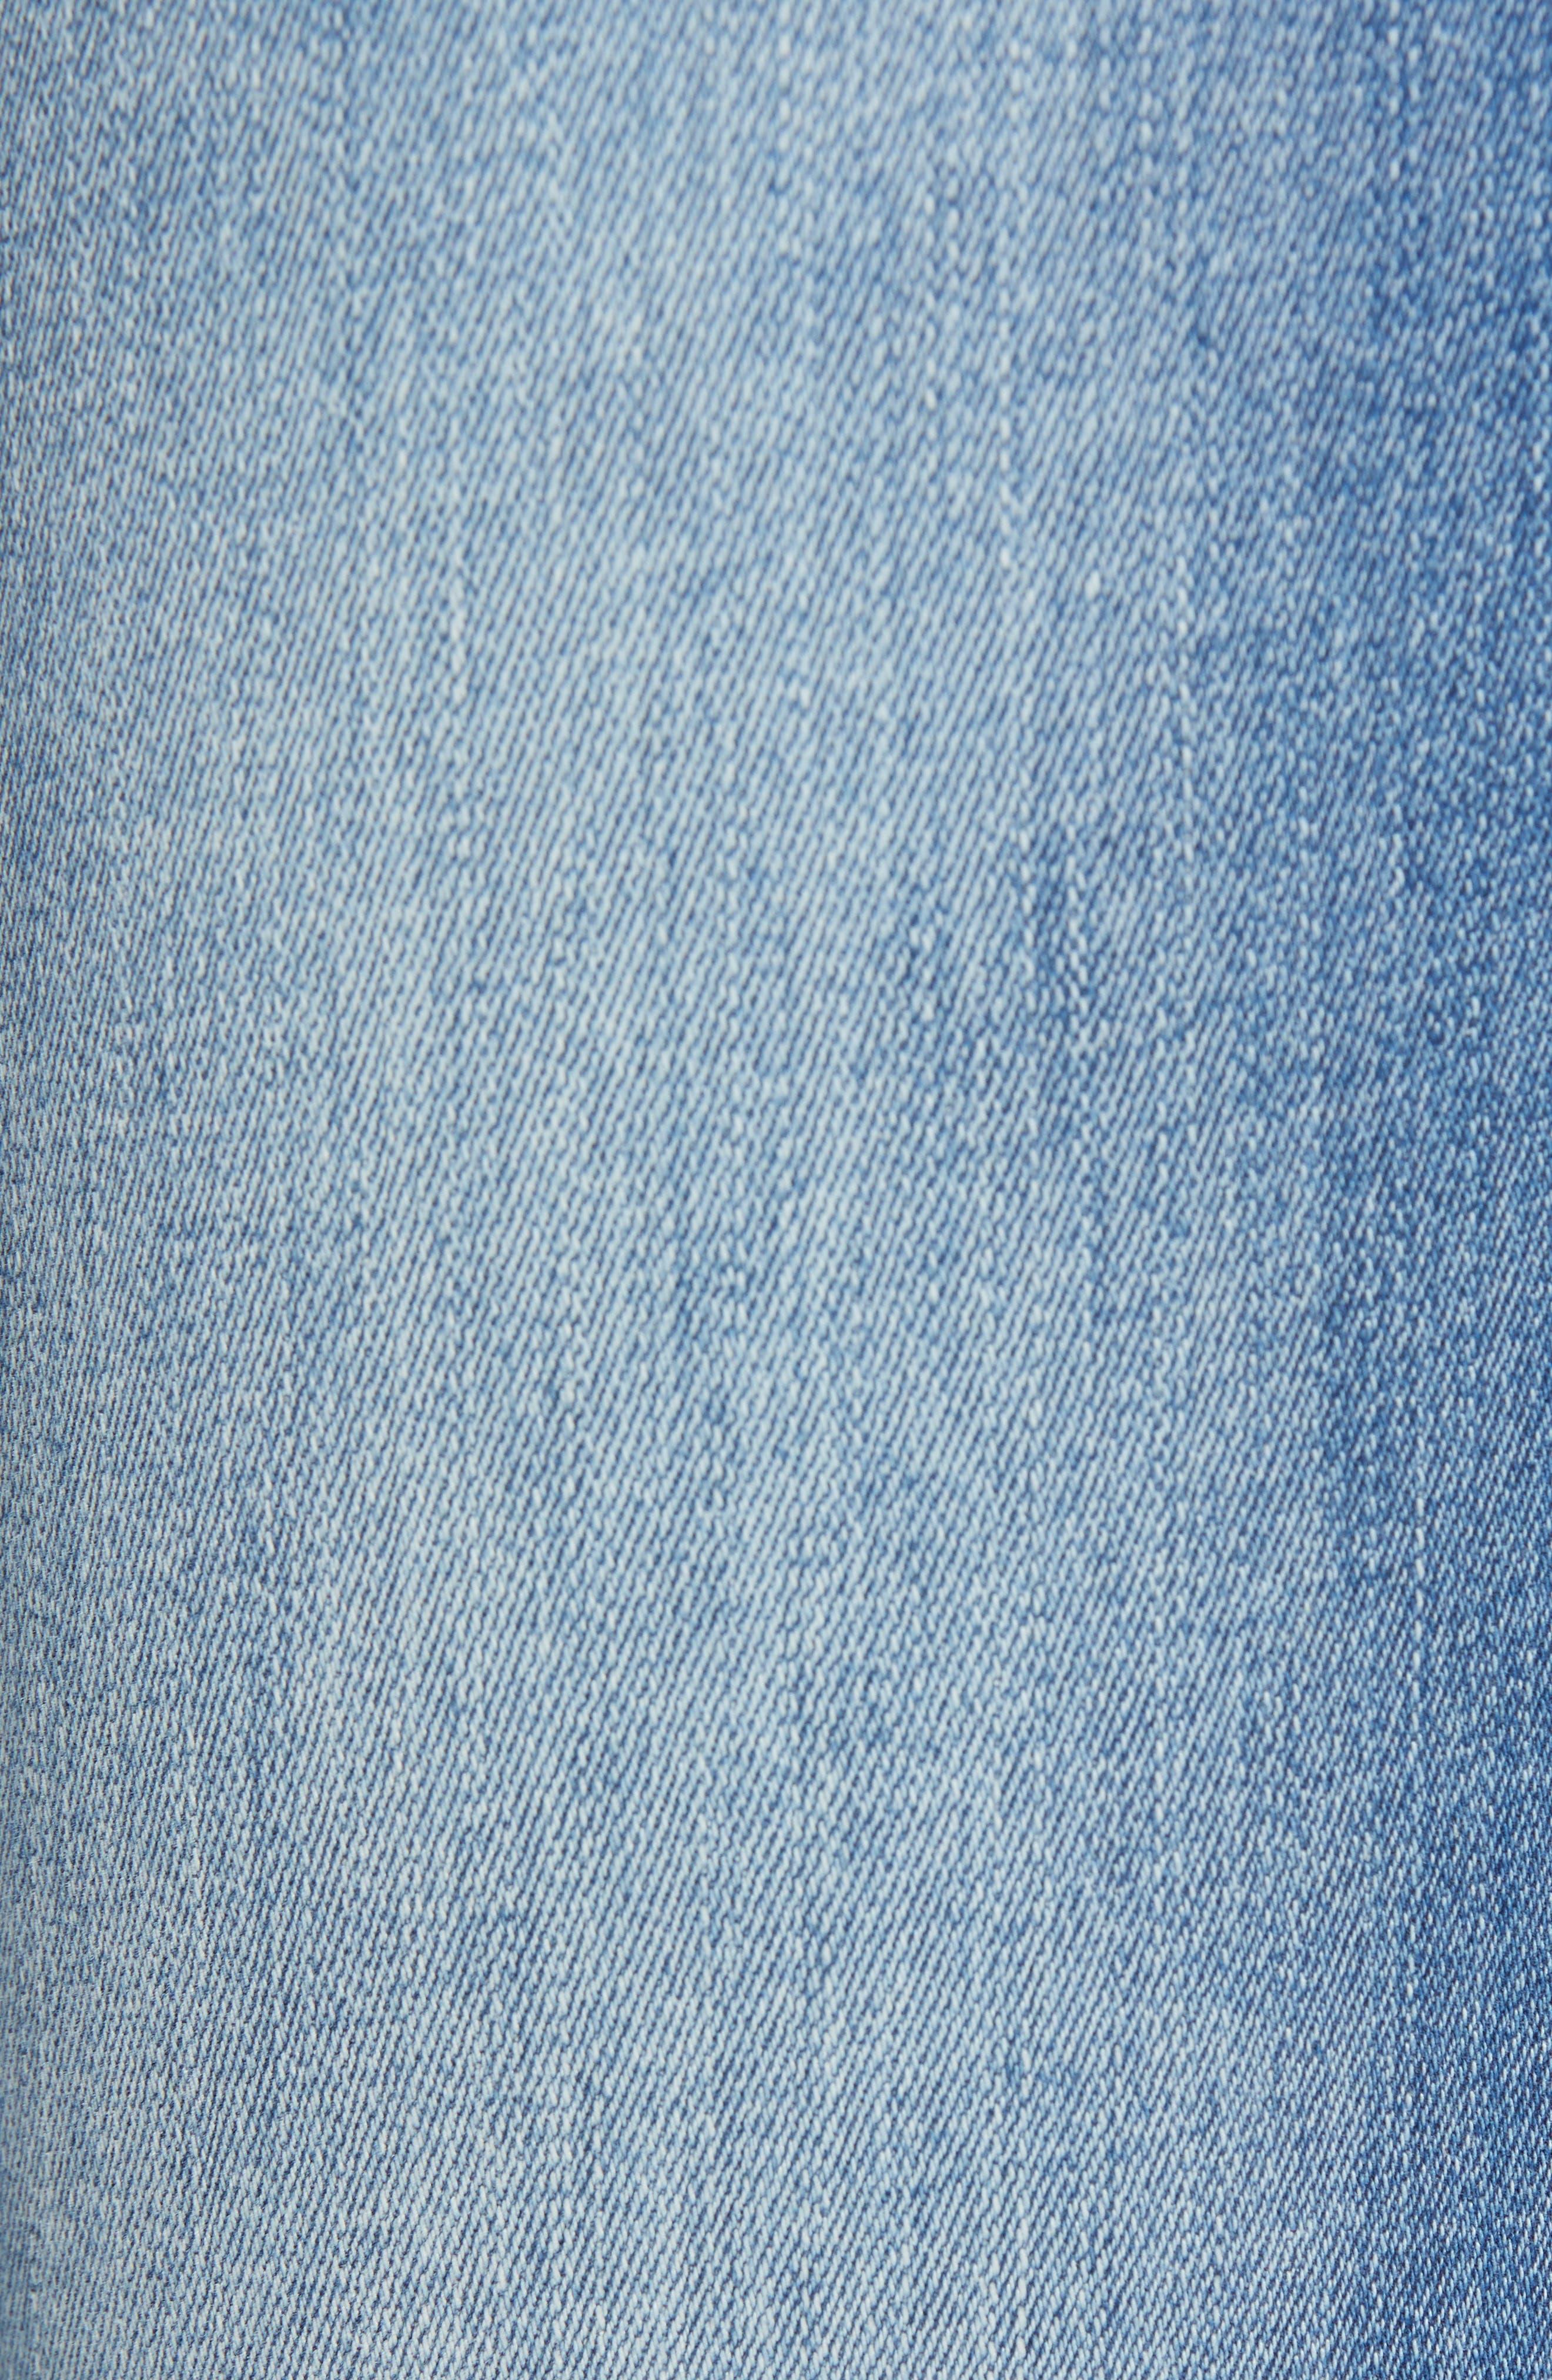 Emma Power Legging Skinny Jeans,                             Alternate thumbnail 5, color,                             MELBOURNE